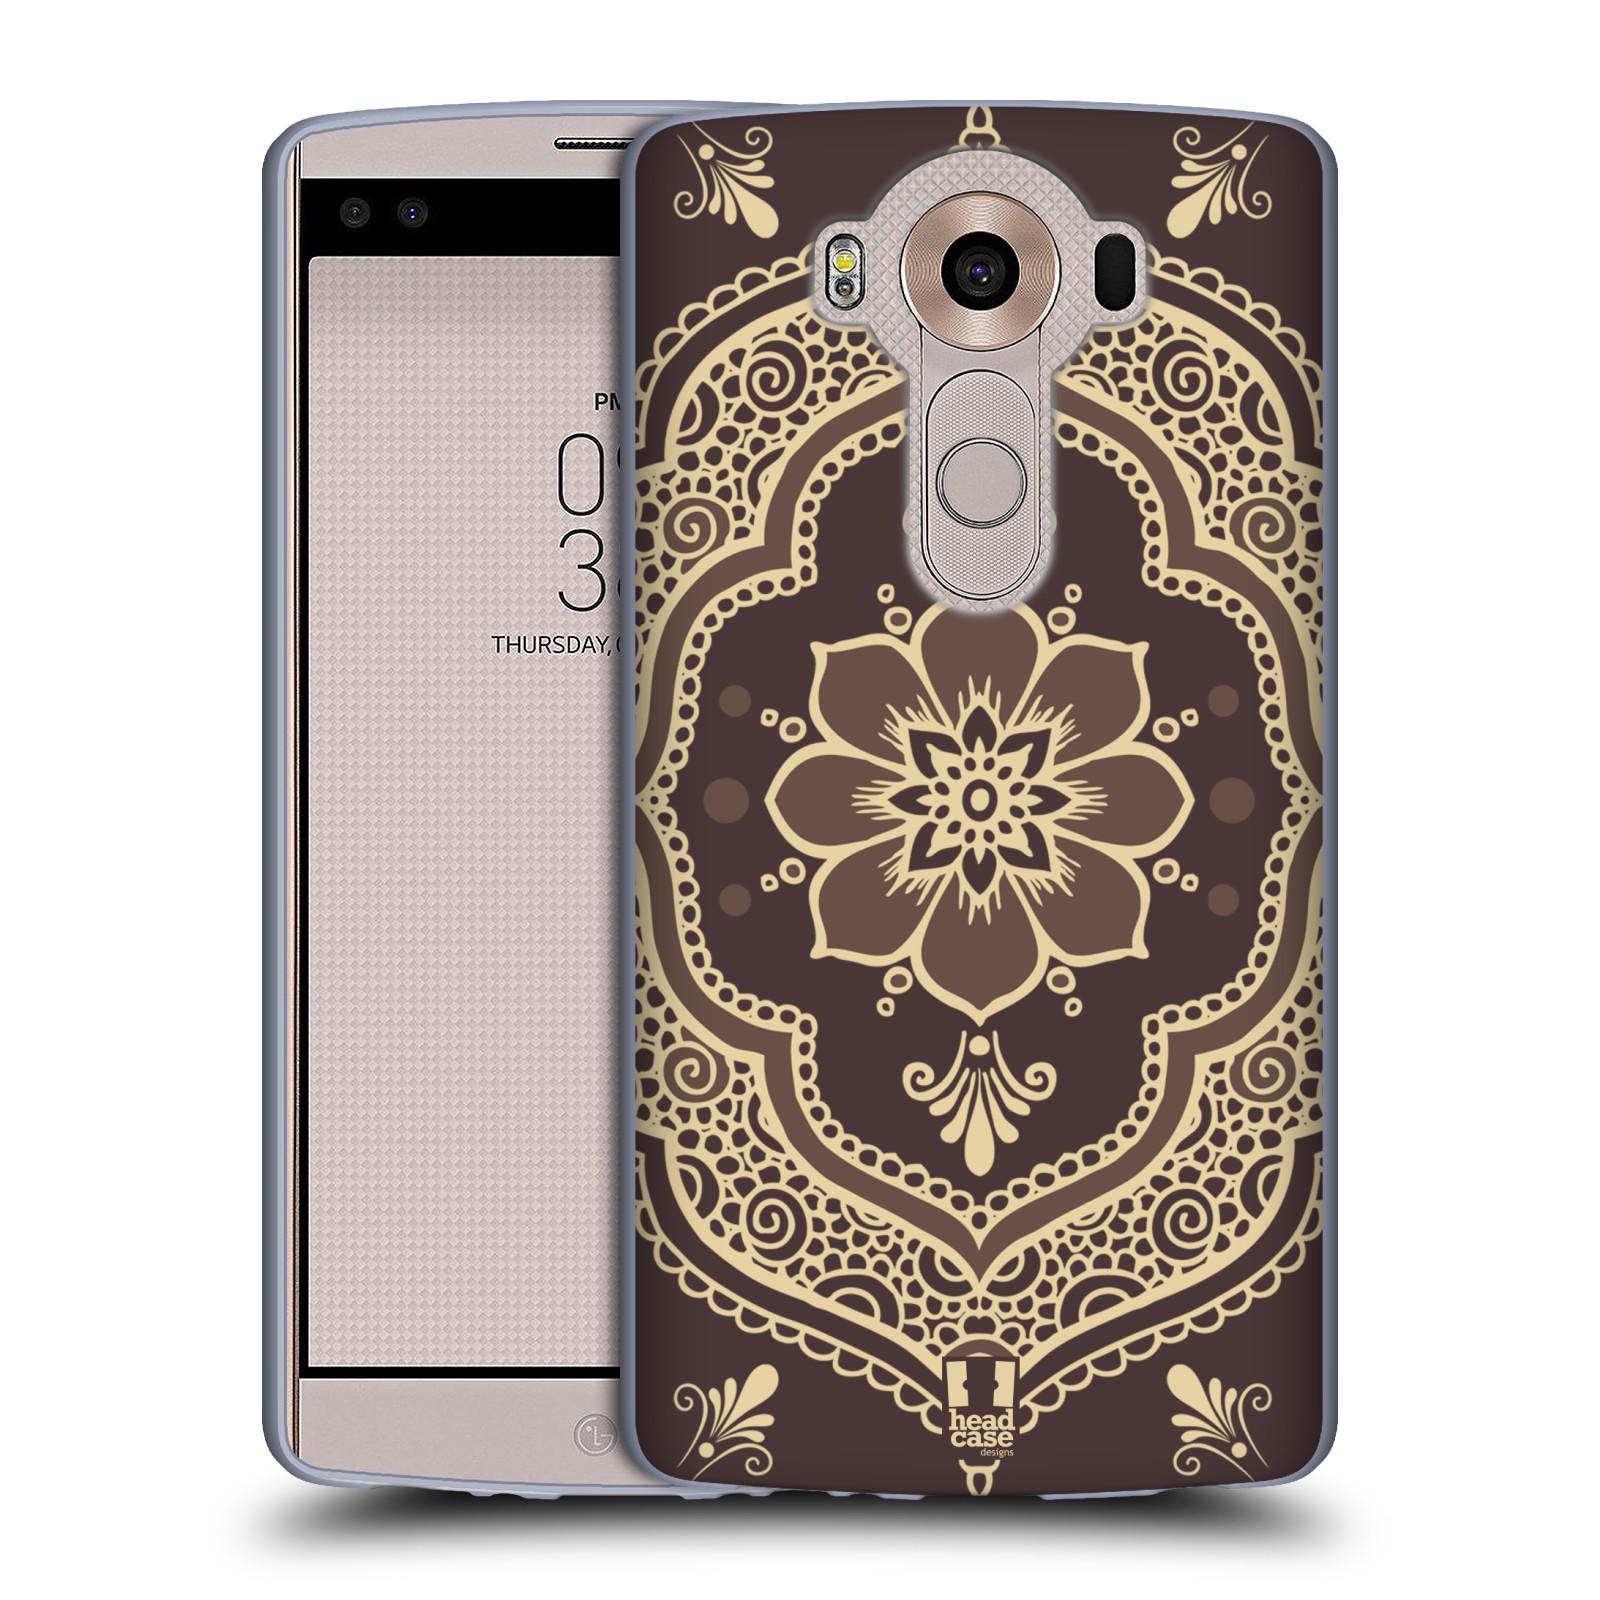 HEAD CASE silikonový obal na mobil LG V10 (H960A) vzor Hena tetování MANDALA